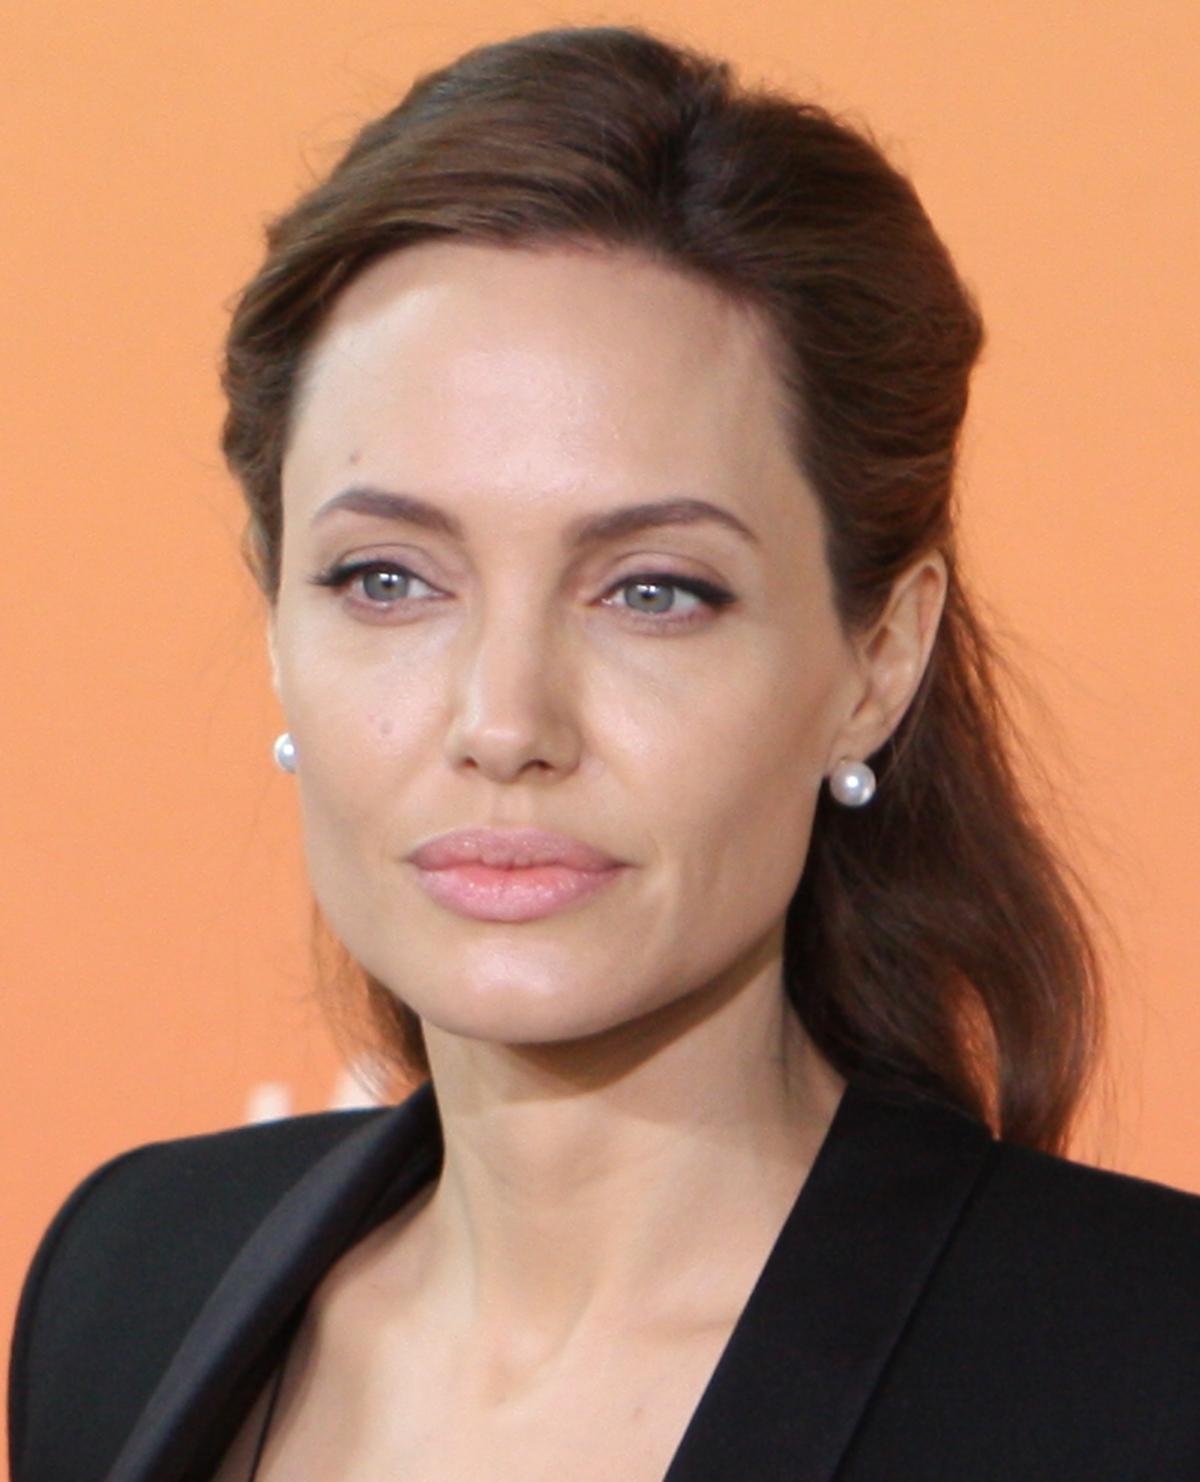 7 37 10 Celebrities Who Have Battled Drug Addiction